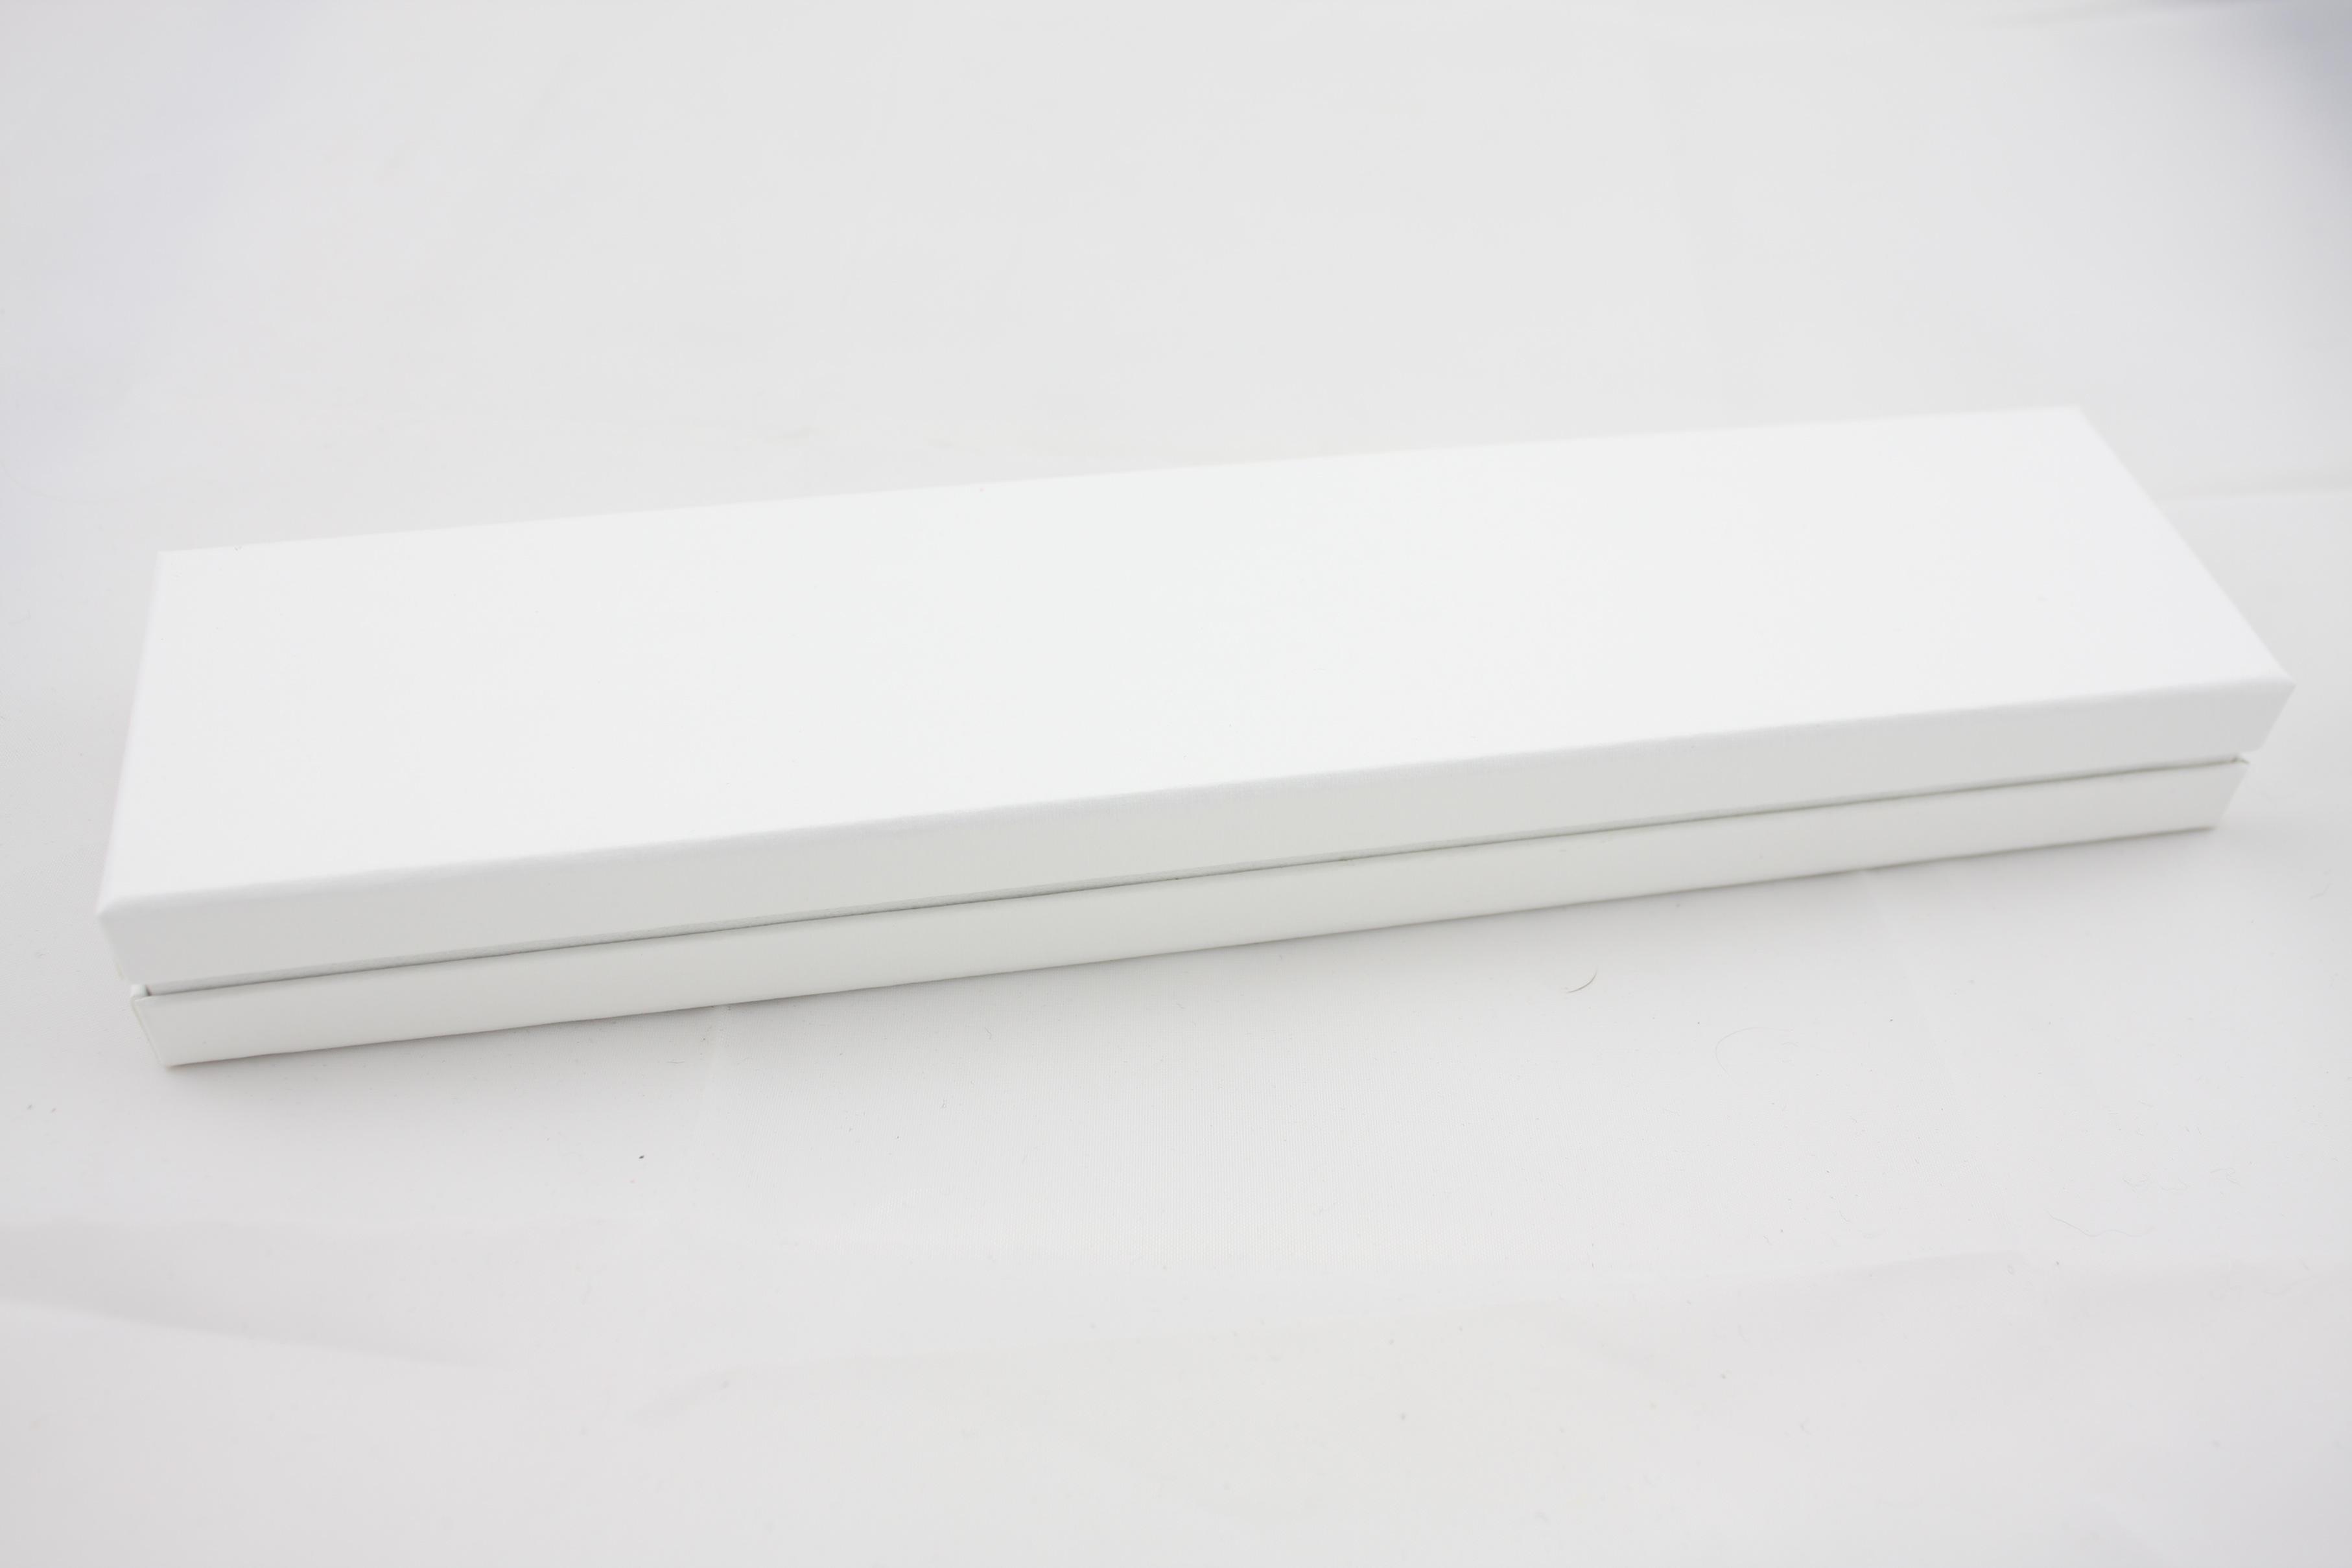 All White Jewellery Box for Bracelet